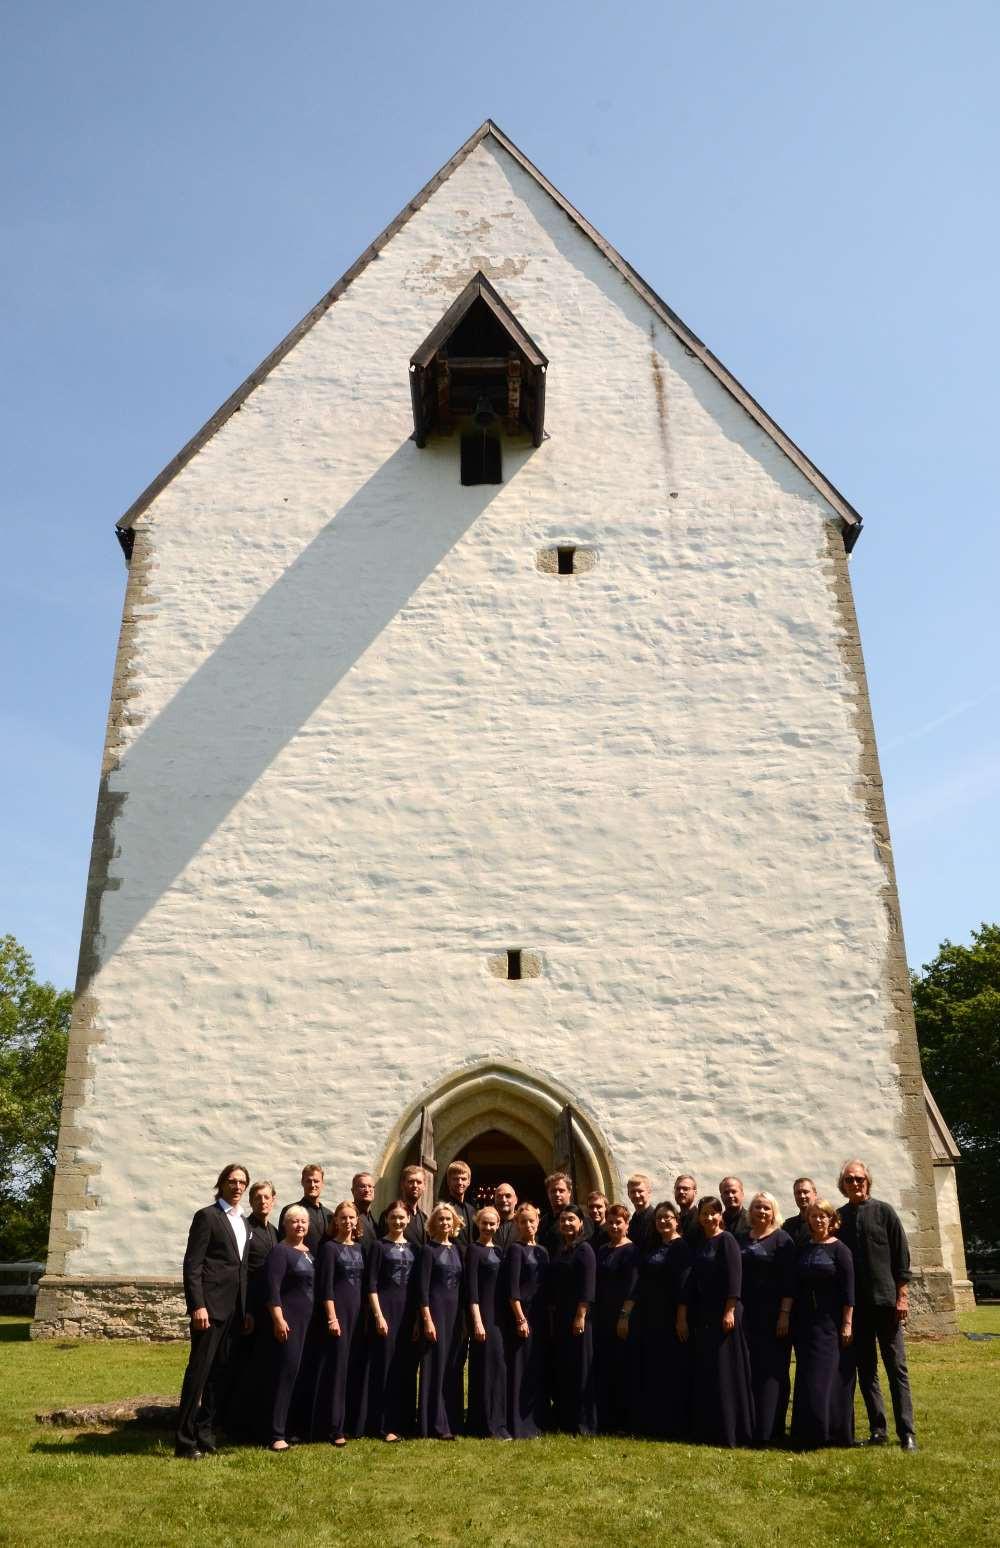 Sünnipäevakontsert Muhu kirikus 2016. aasta juulis. FOTO TÕNU TORMIS